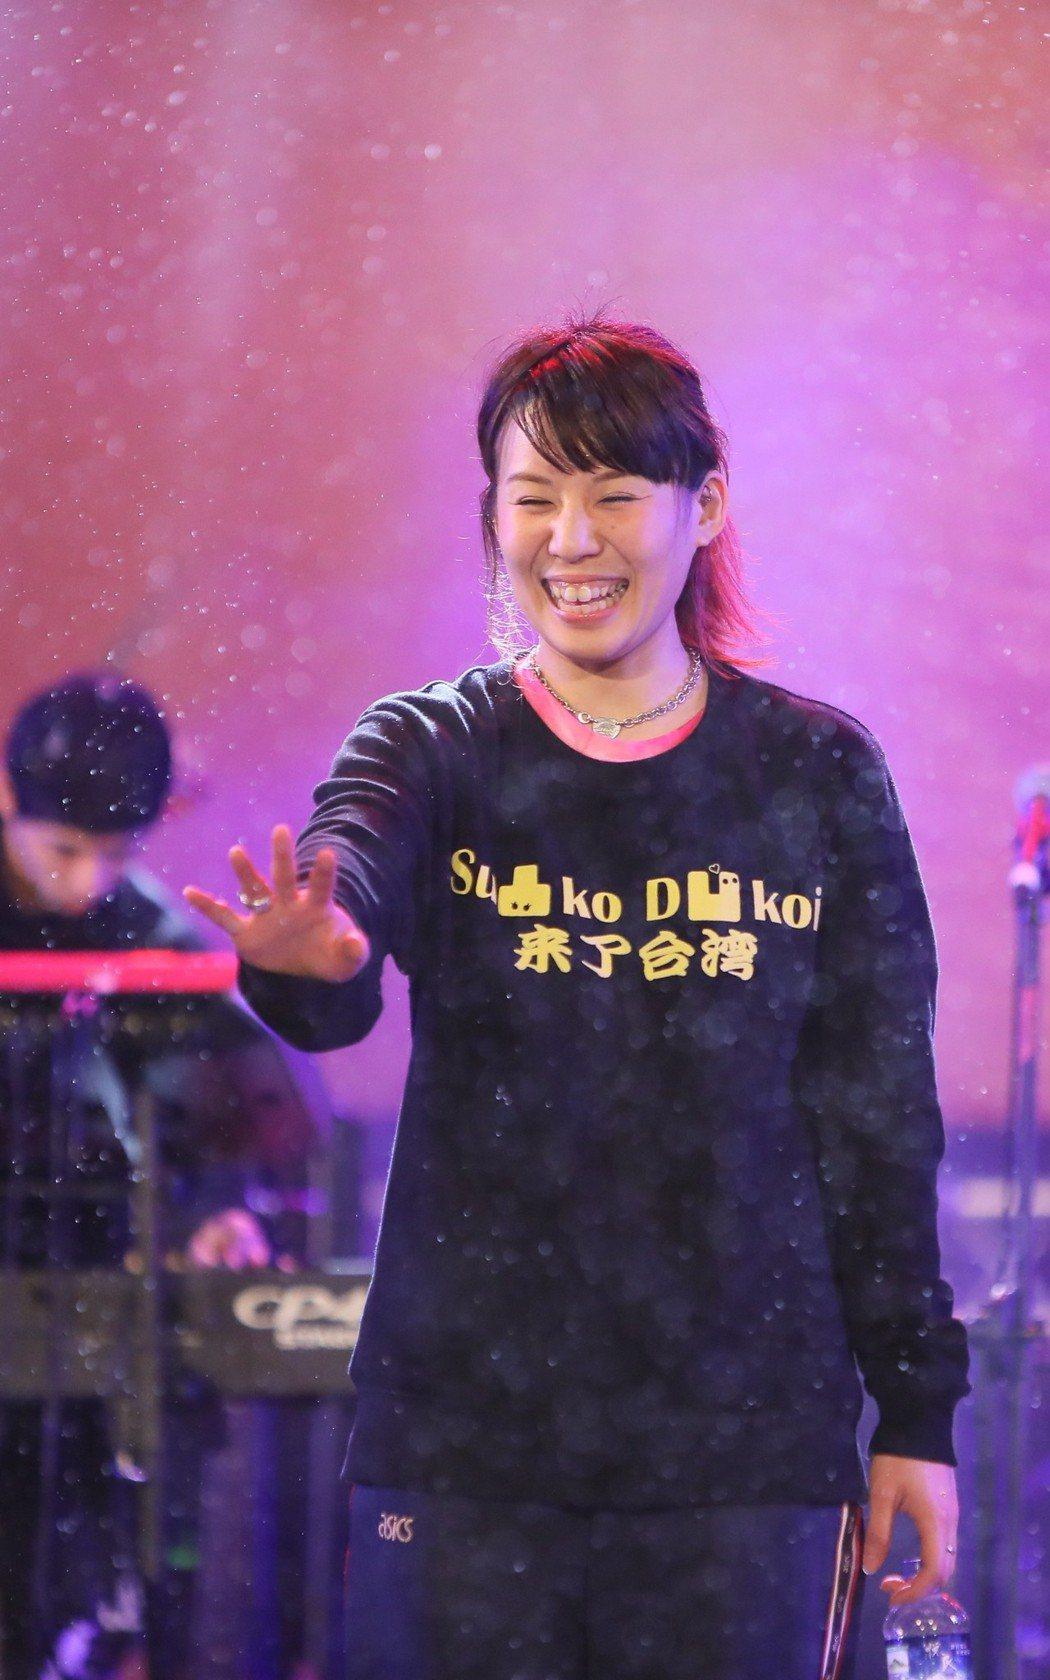 日本女團「su凸kod凹koi」首次參與台灣跨年。圖/新視紀提供